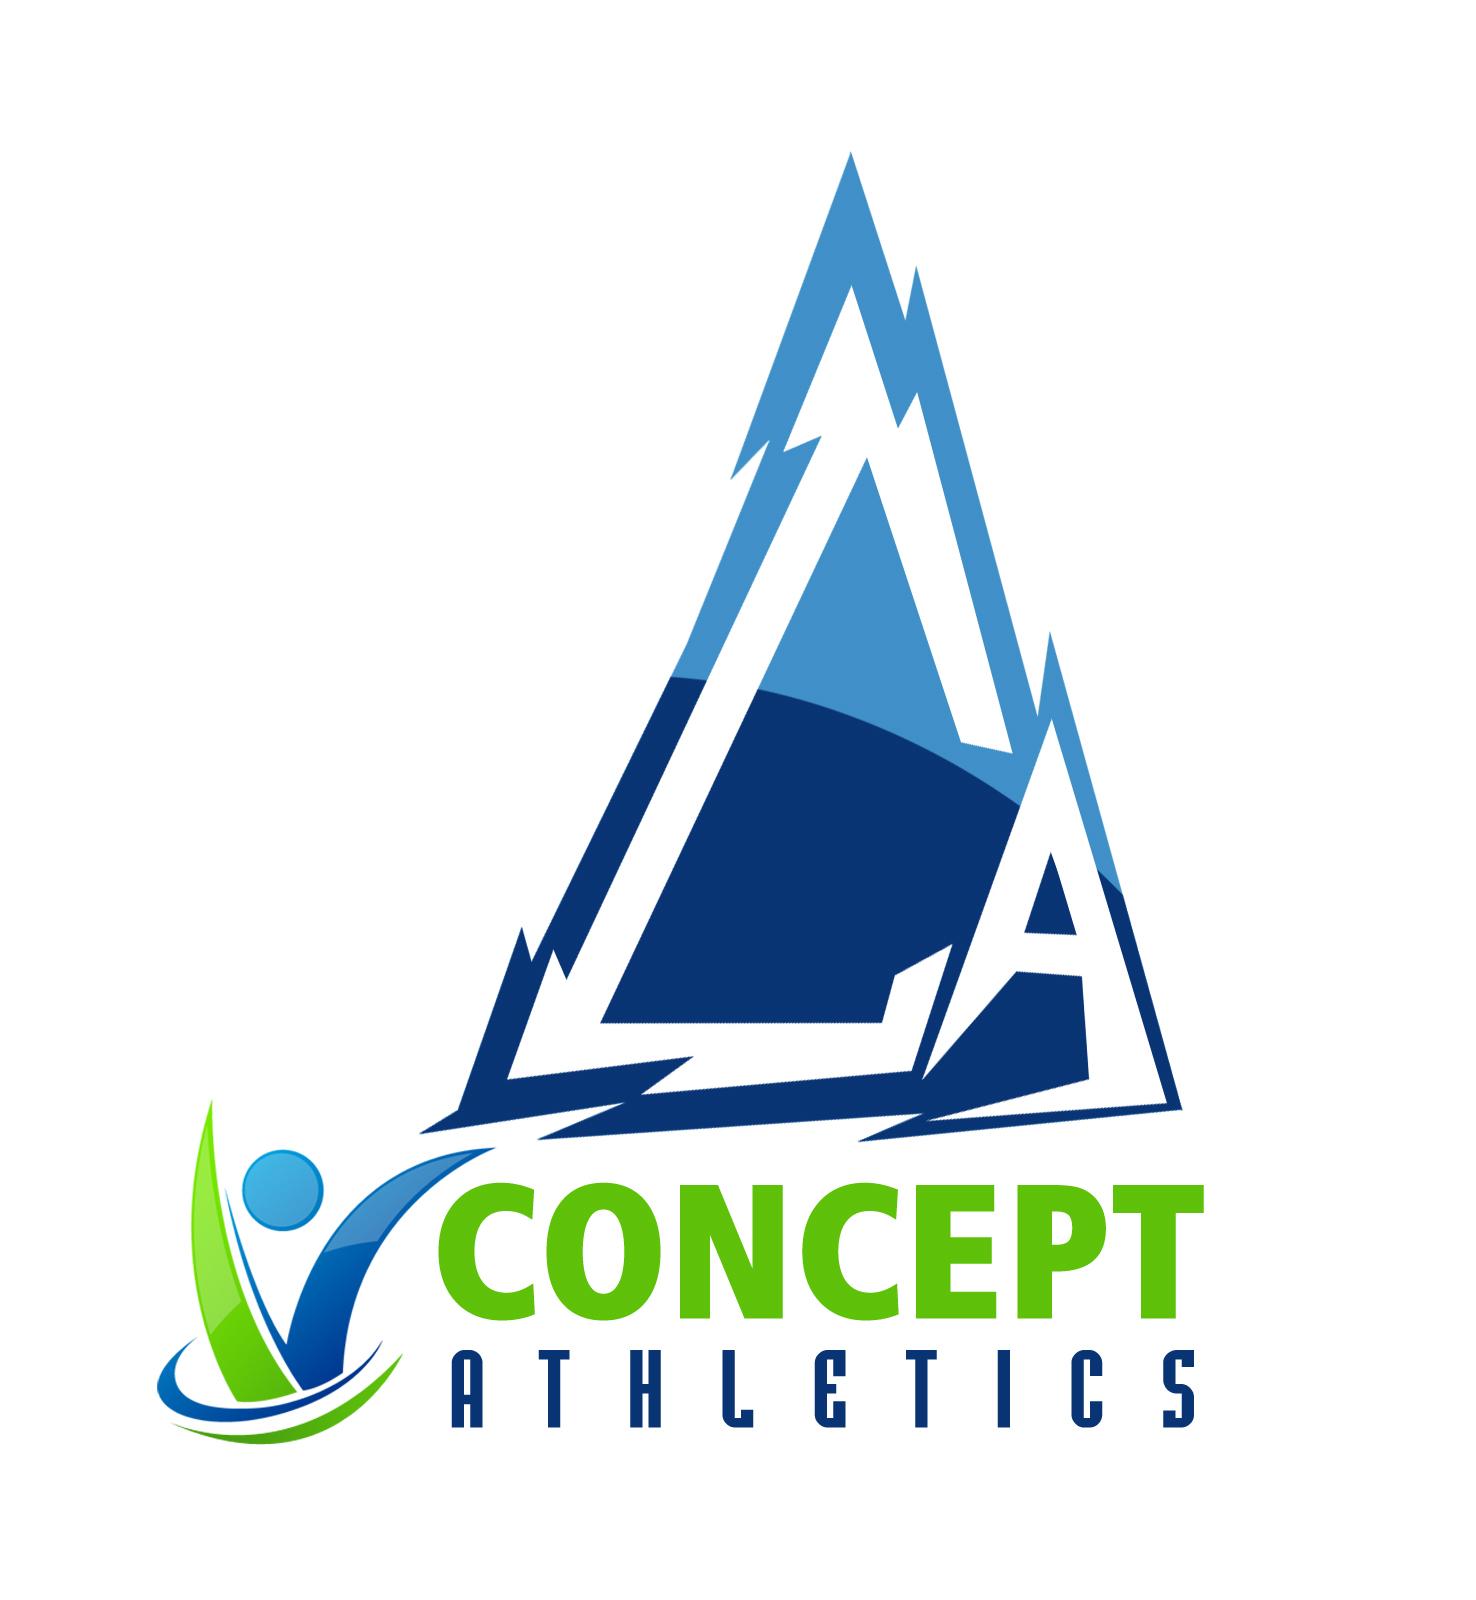 Gym Equipment Logo: Fitness Equipment & Apparel Company Logo